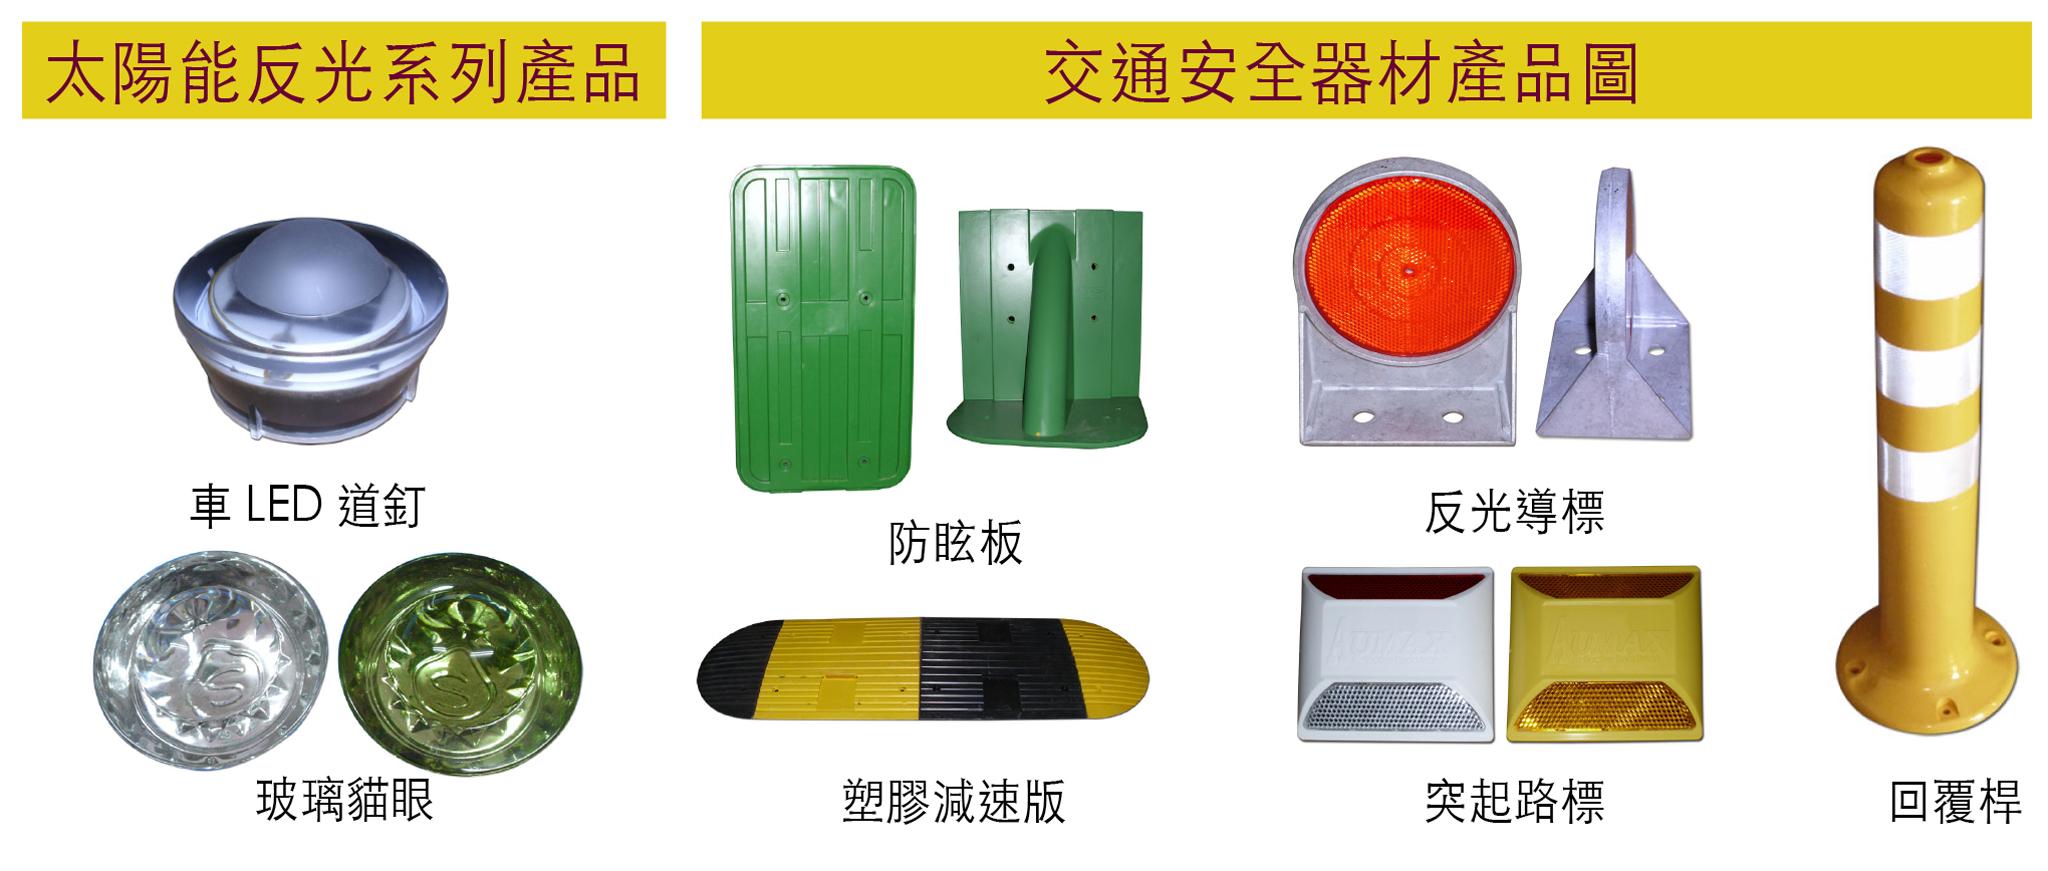 亞銓生產之「太陽能反光系列產品」與「交通安全器材產品」。